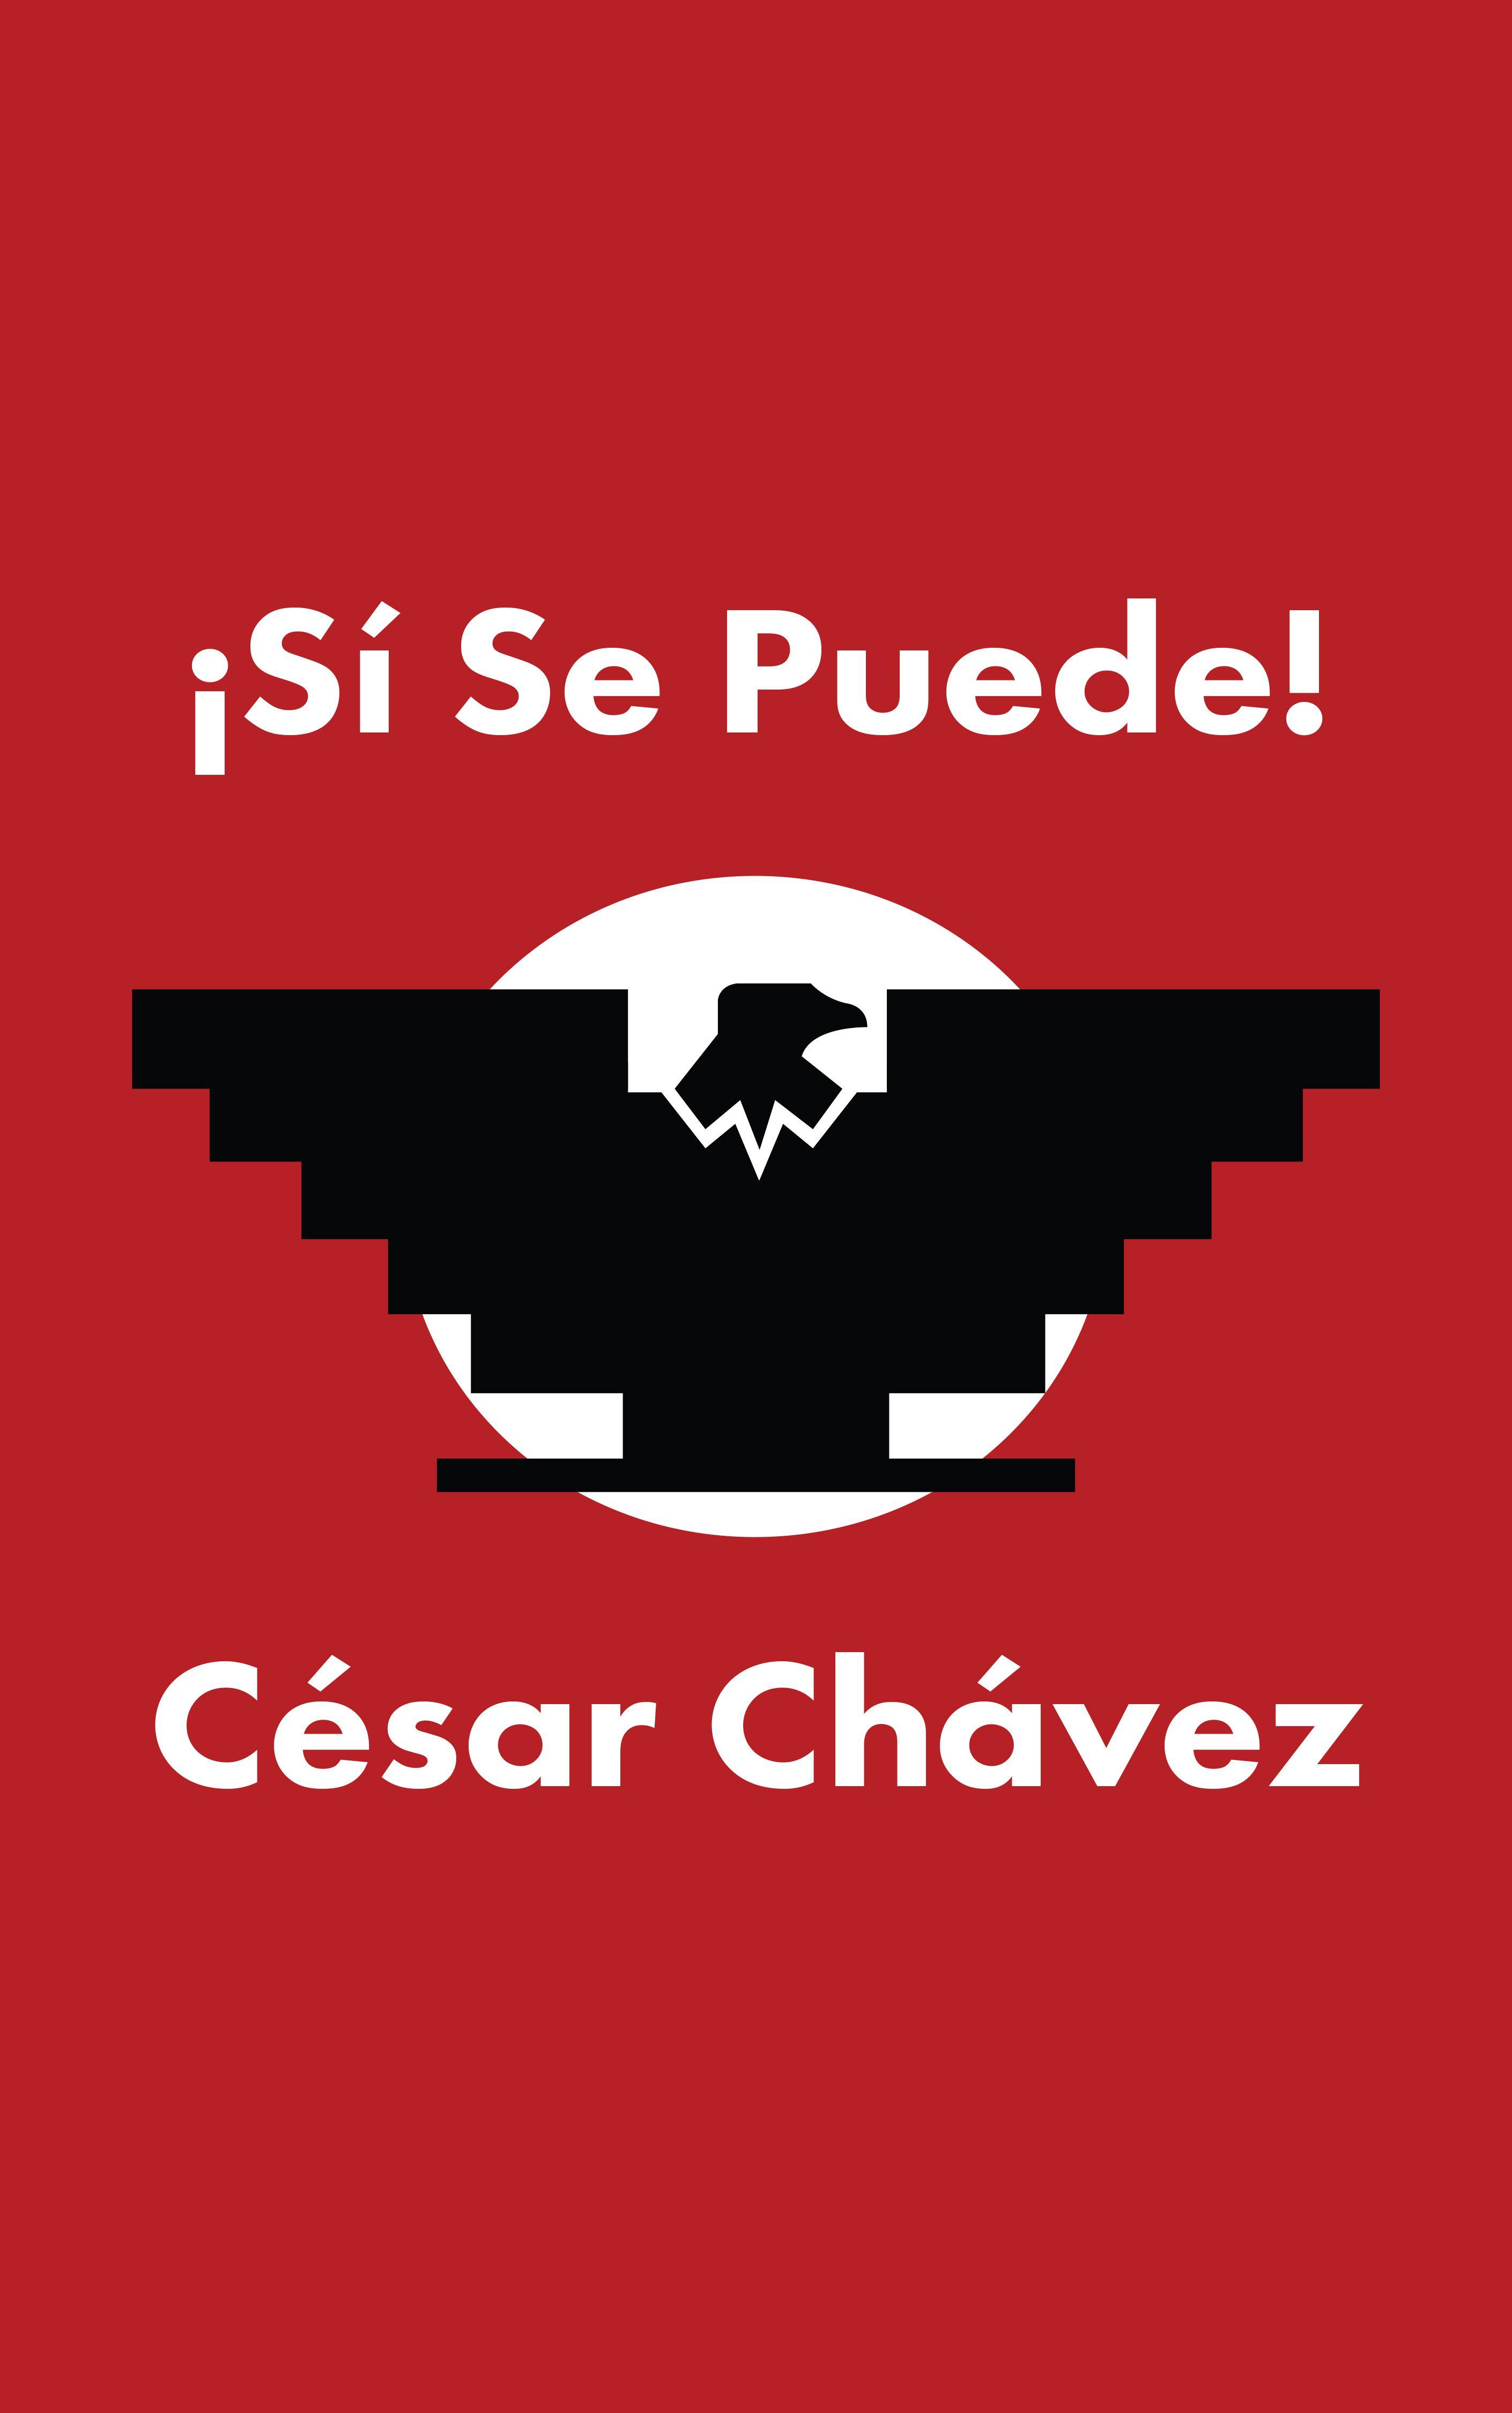 Cesar Chavez El Lider Campesino L La Vida Y Logros